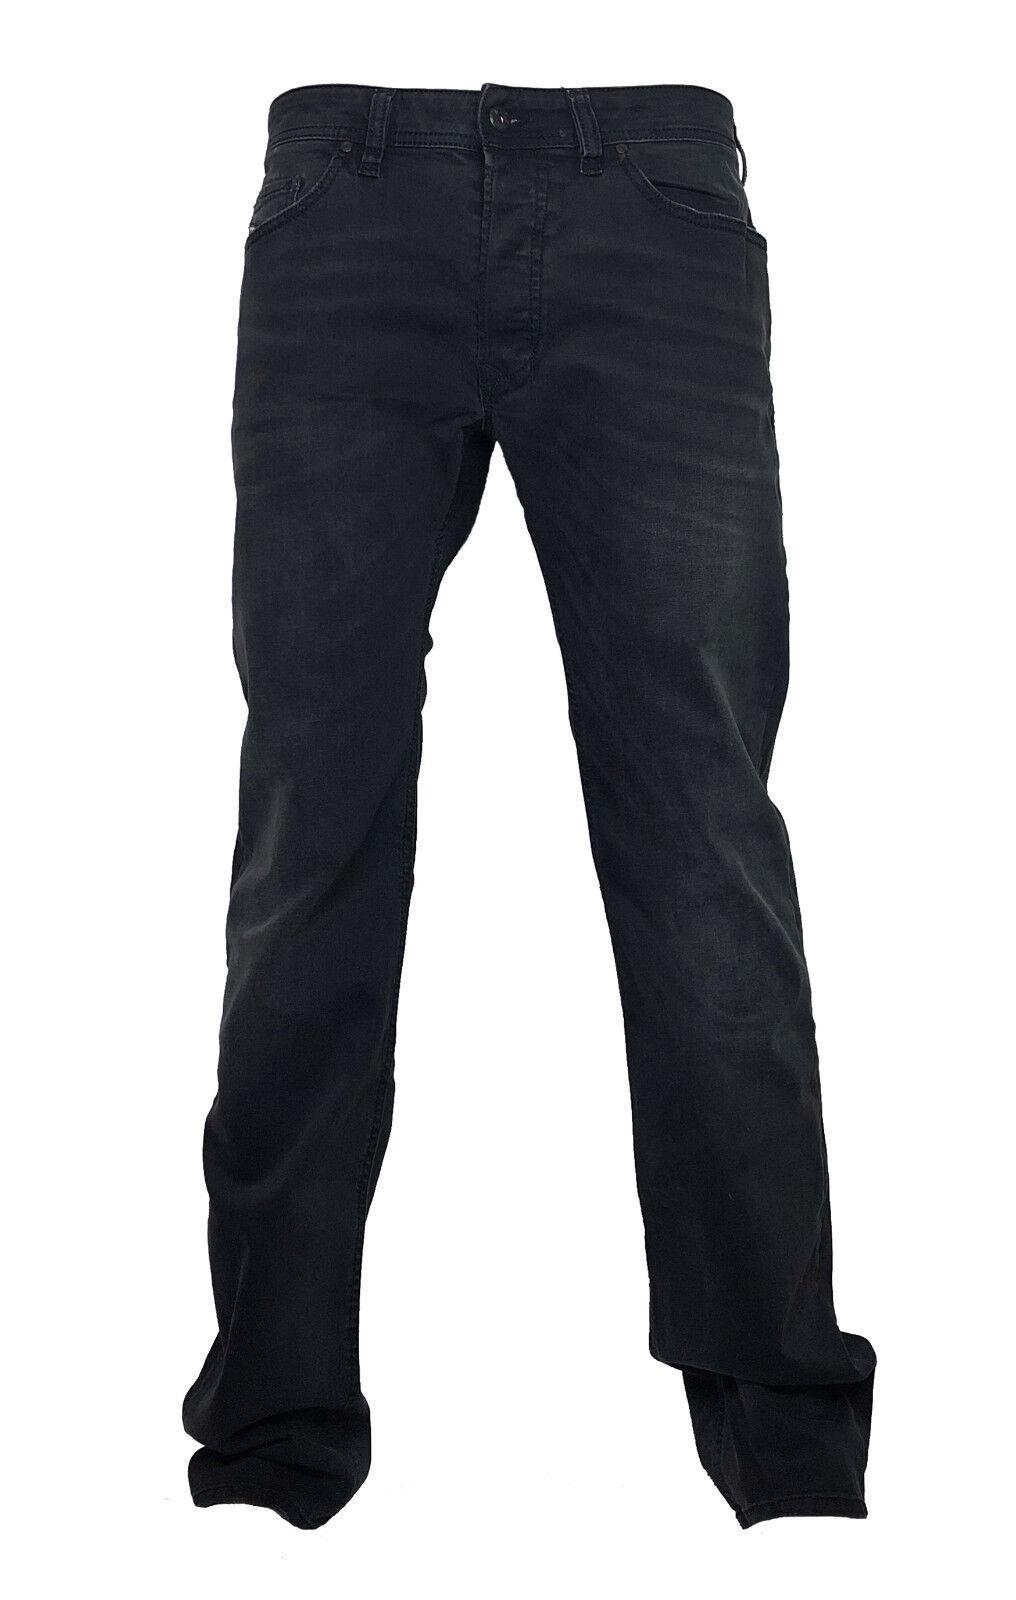 Diesel Herren Stretch Jeans SAFADO RA468 anthrazit verwaschen Gr. 38 32 NEU